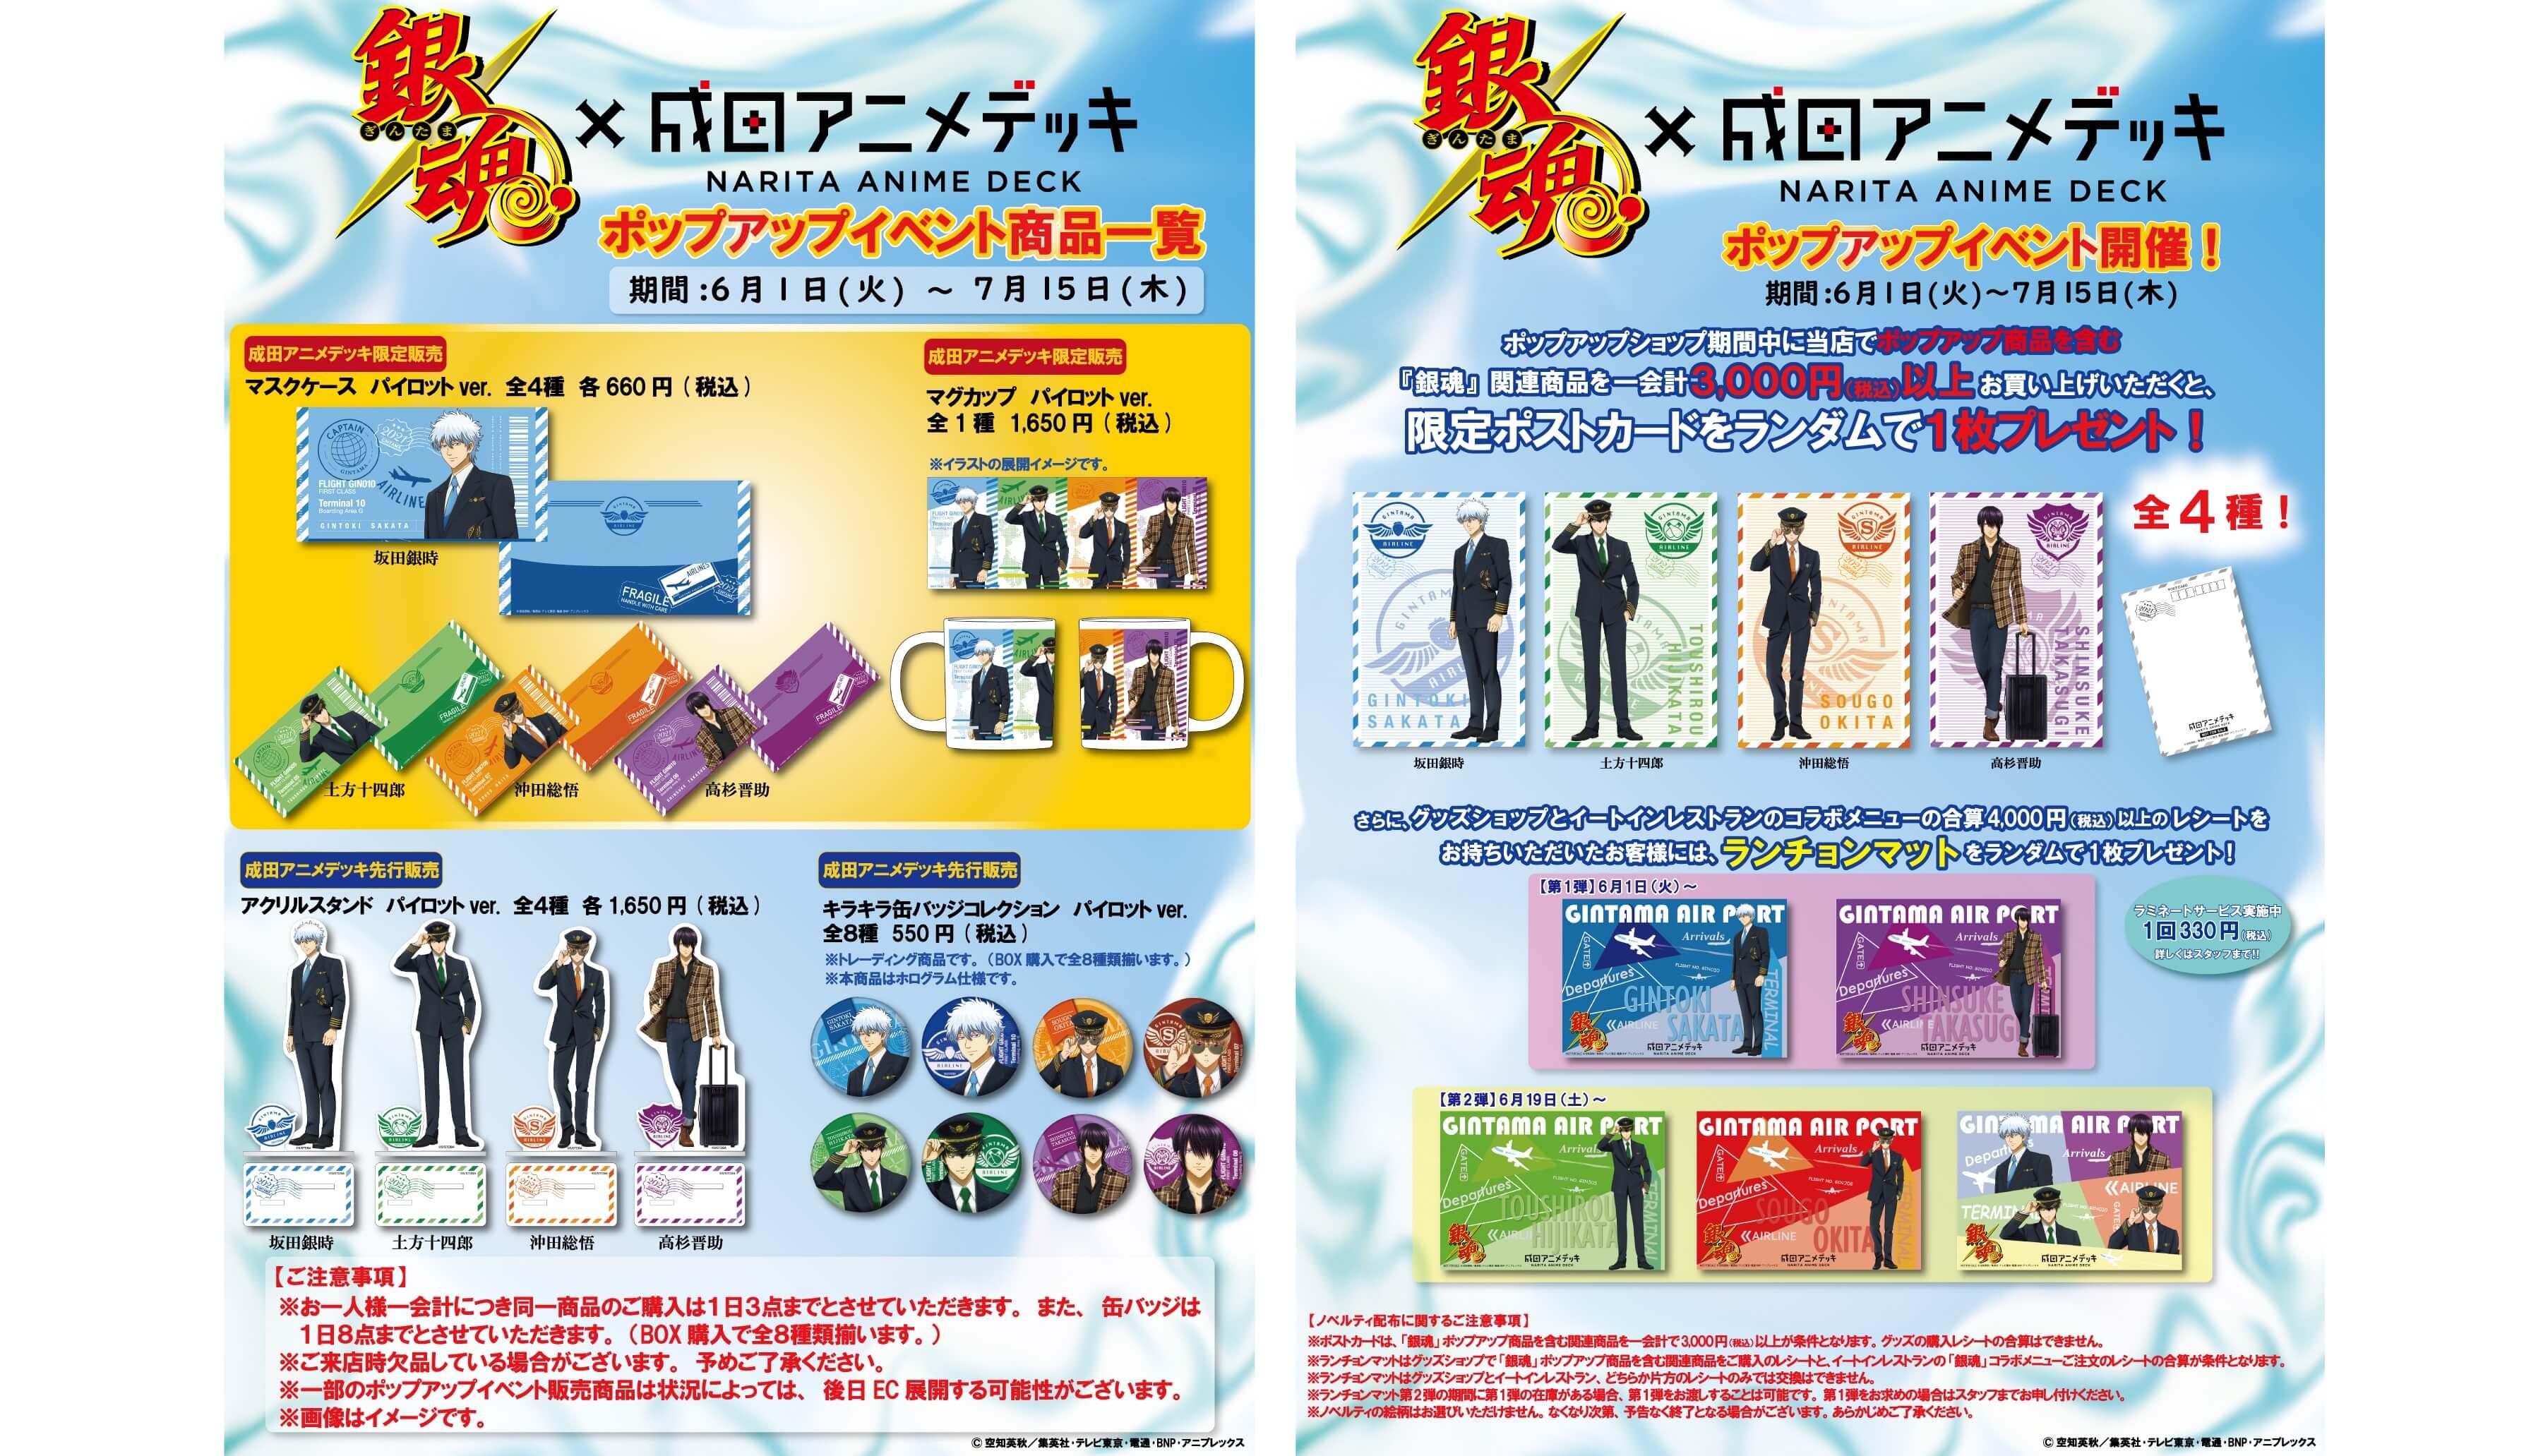 成田アニメデッキ」にて、TVアニメ「銀魂」のポップアップイベント開催